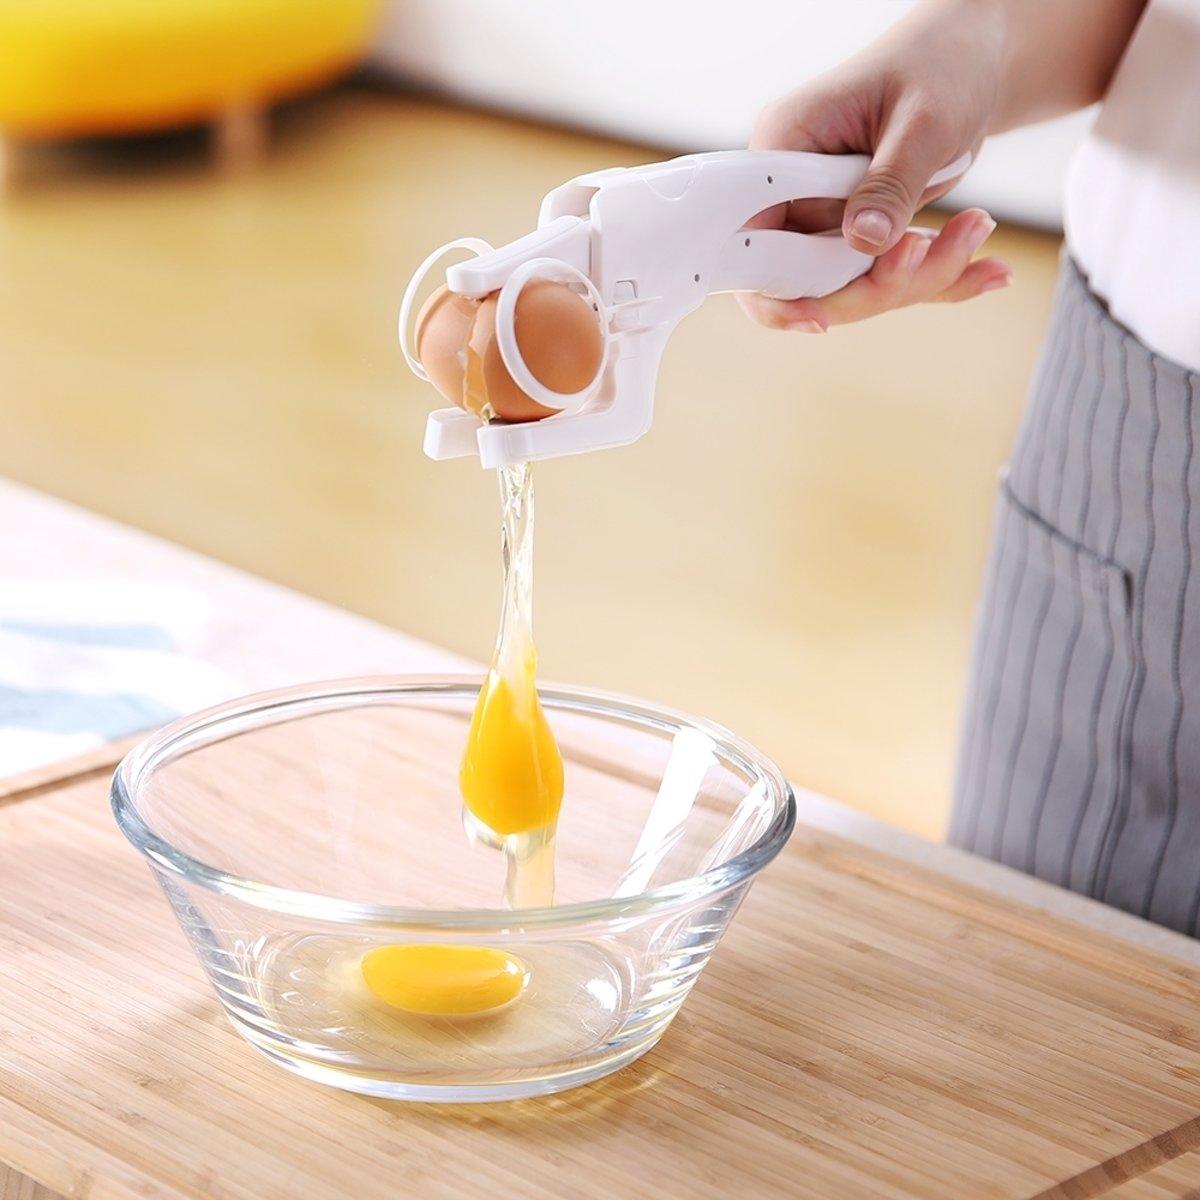 Egg Cracker - Ei Breker met Scheid functie - Scheid Eigeel en Eiwit - Breek uw Eieren Zonder Geknoei kopen